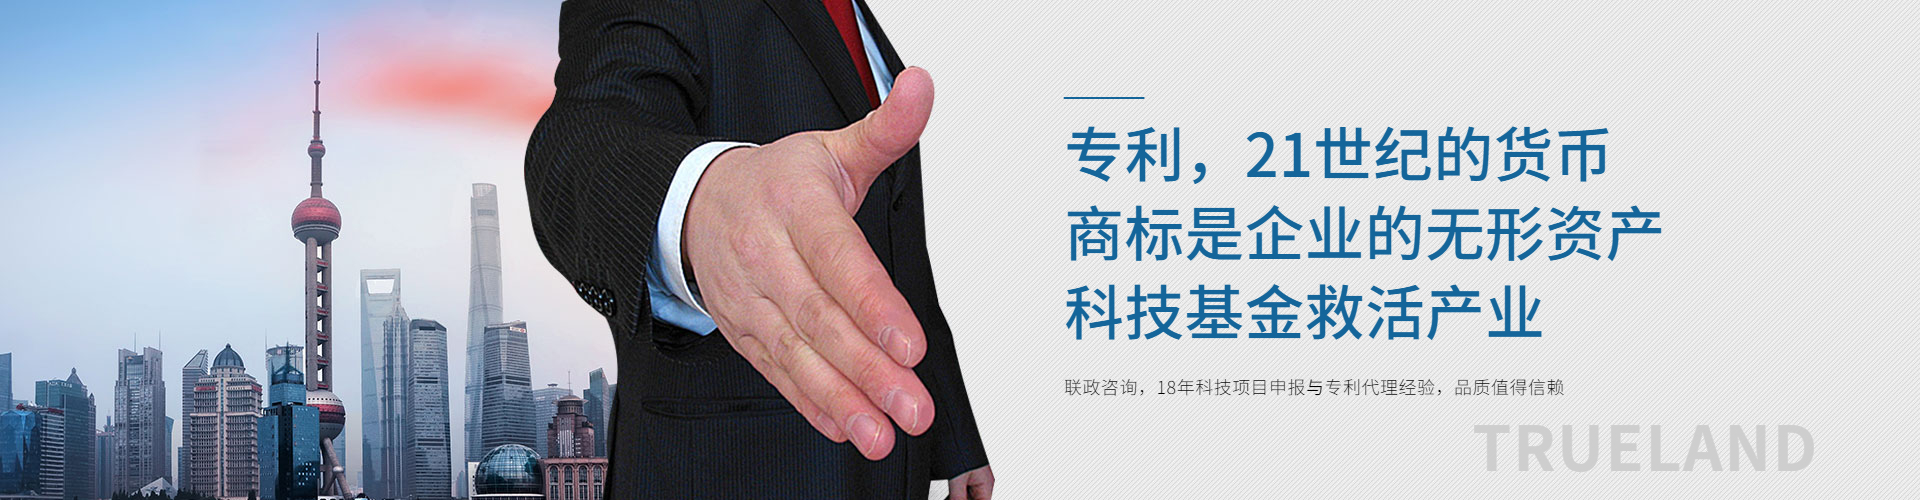 联政咨询Banner图